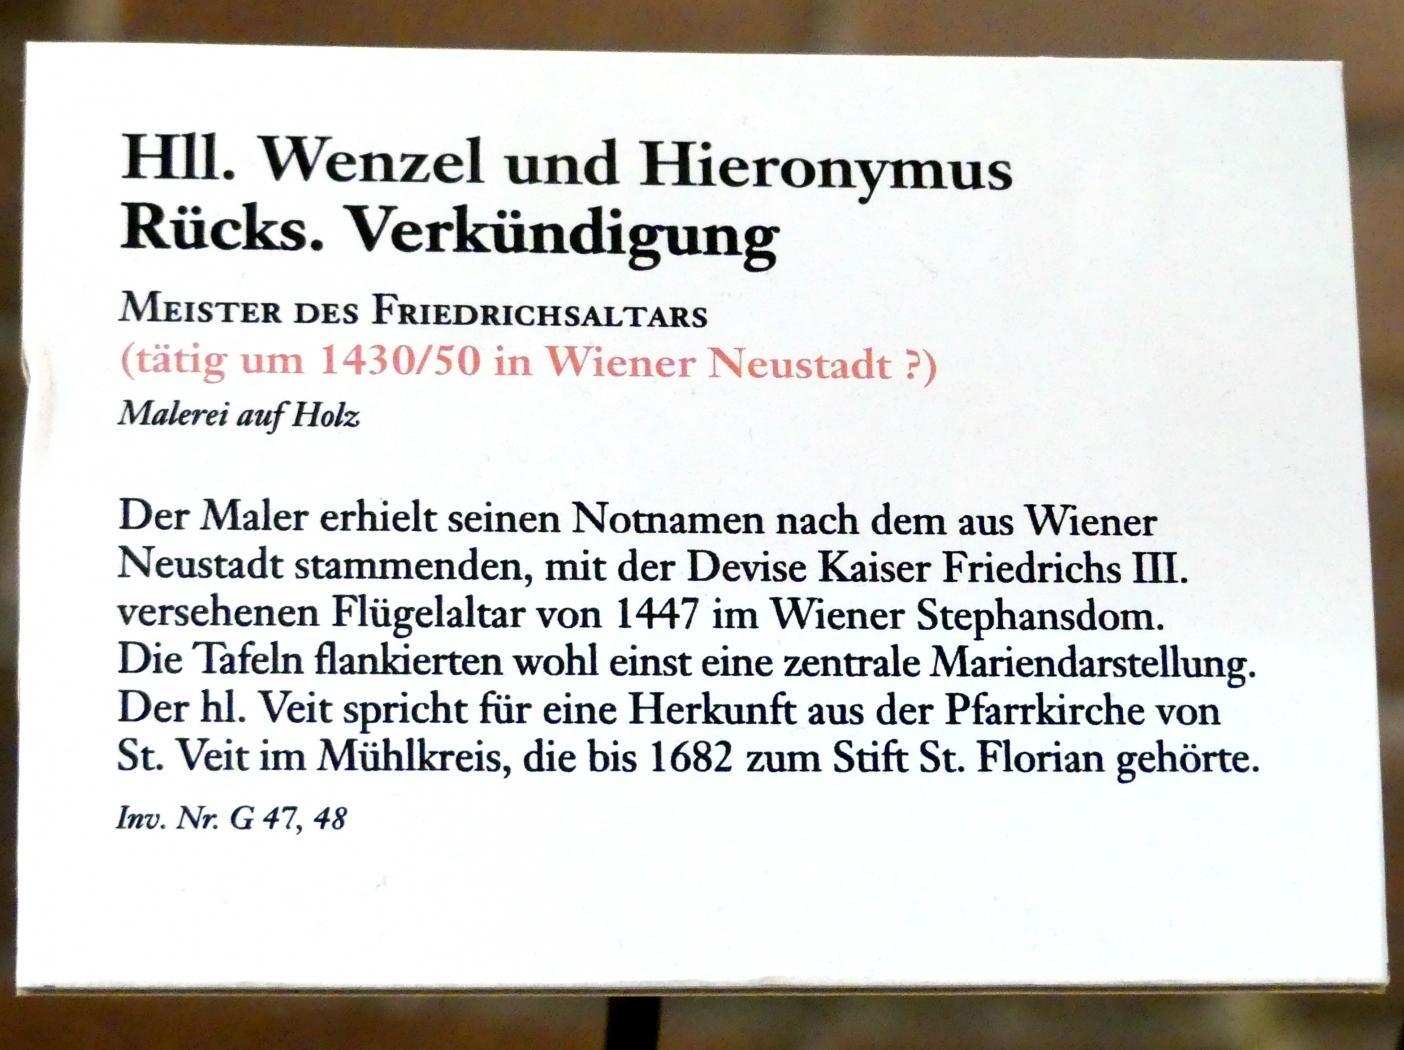 Meister des Friedrichsaltars: Hll. Wenzel und Hieronymus, um 1430 - 1450, Bild 3/3